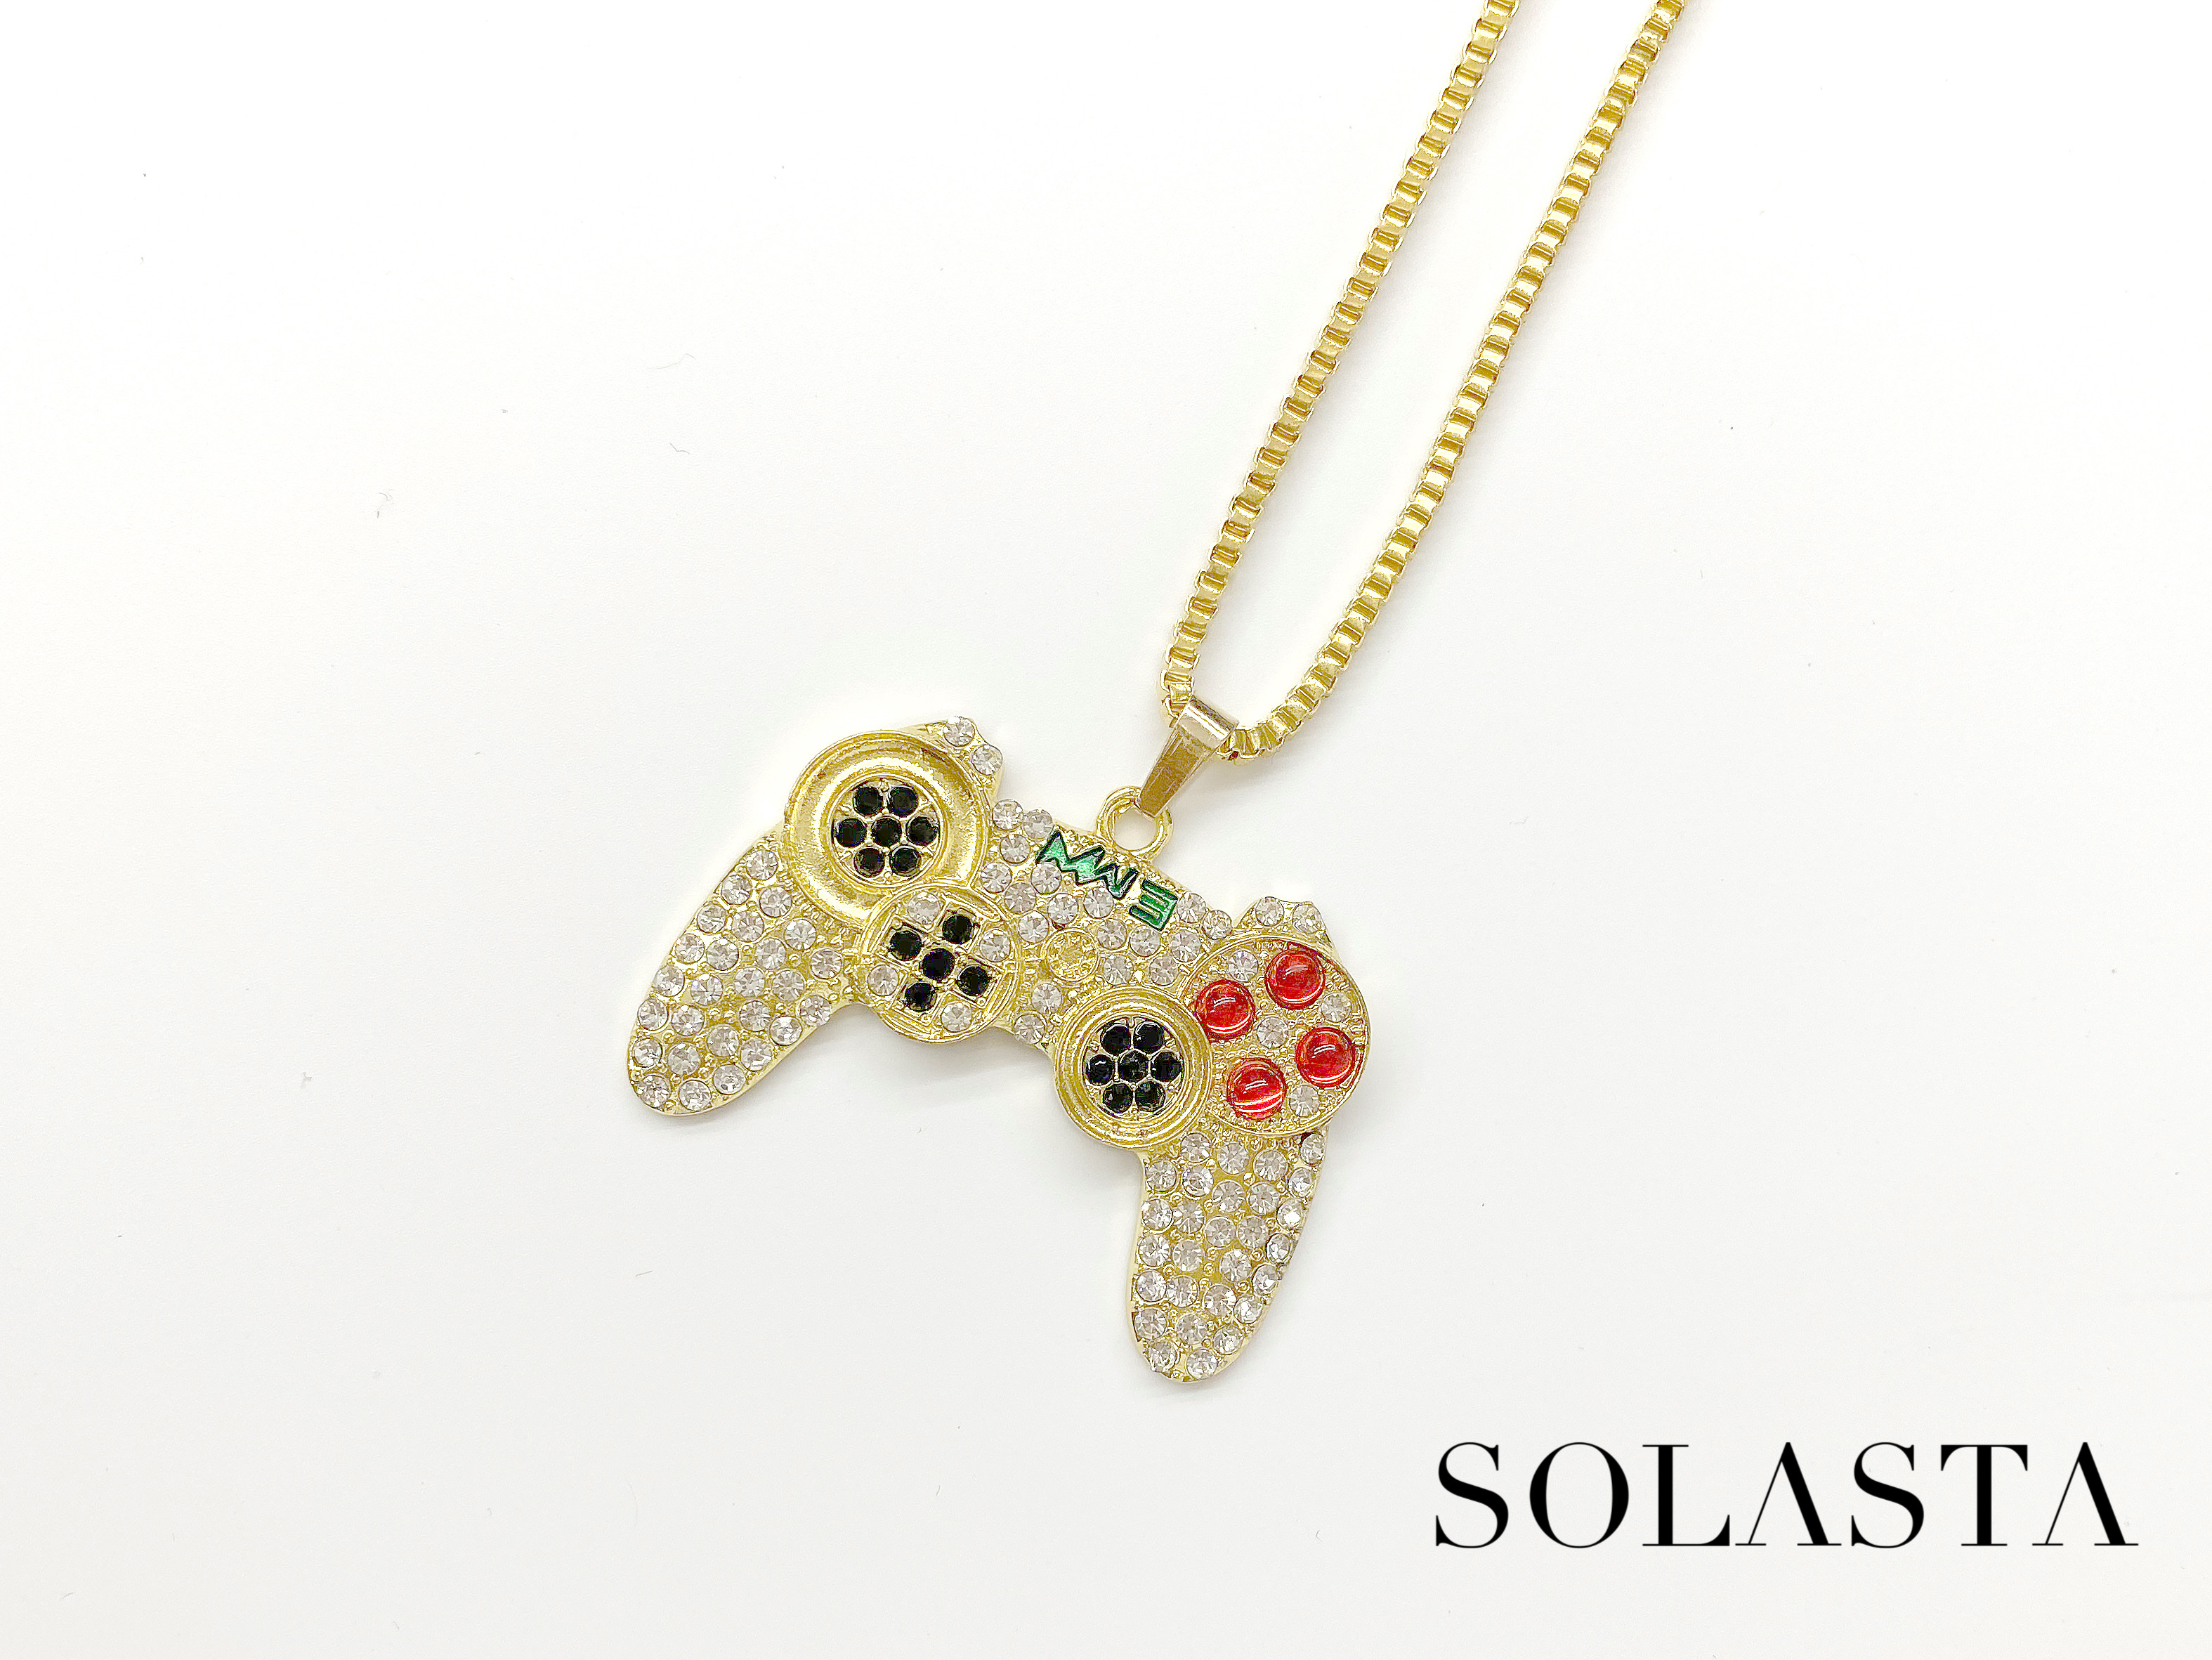 SOLASTA - GAME CONSOLE